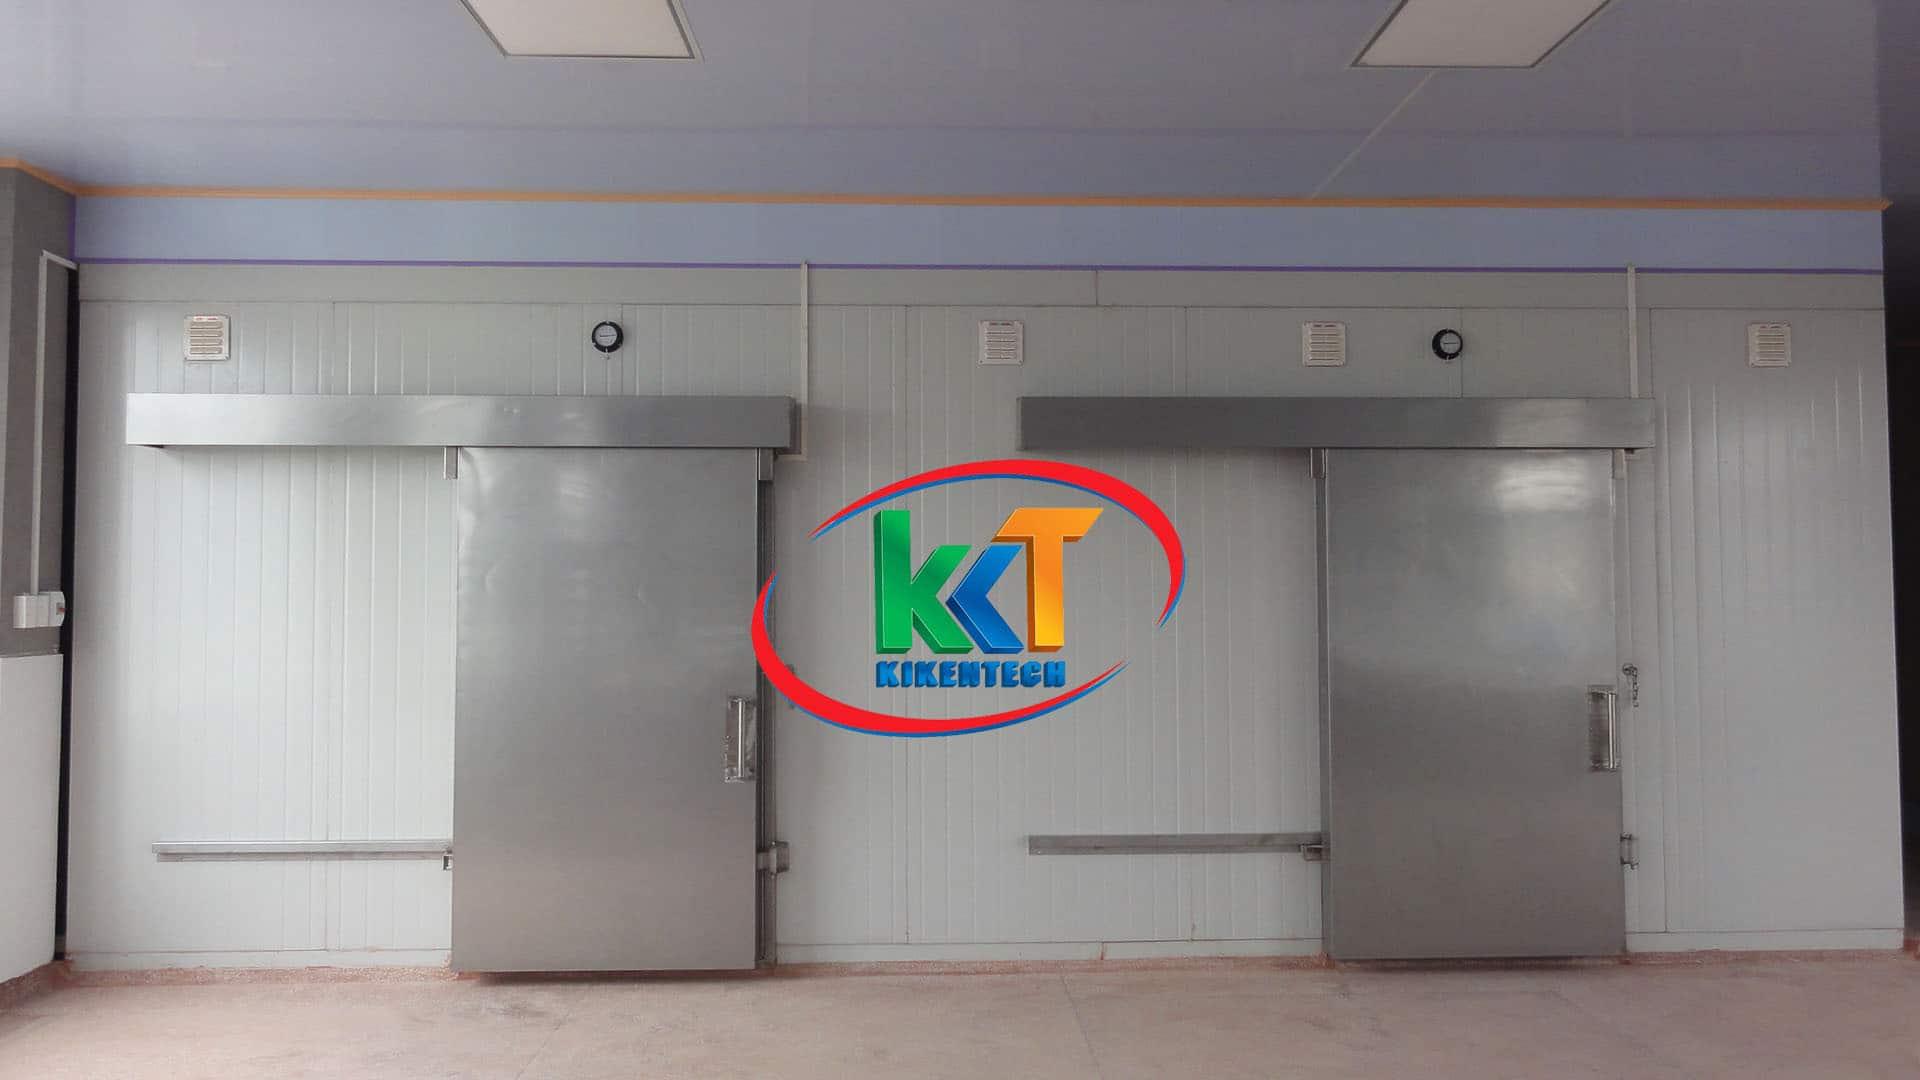 Lắp đặt kho lạnh bảo quản công nghiệp và những điều quý vị cần biết